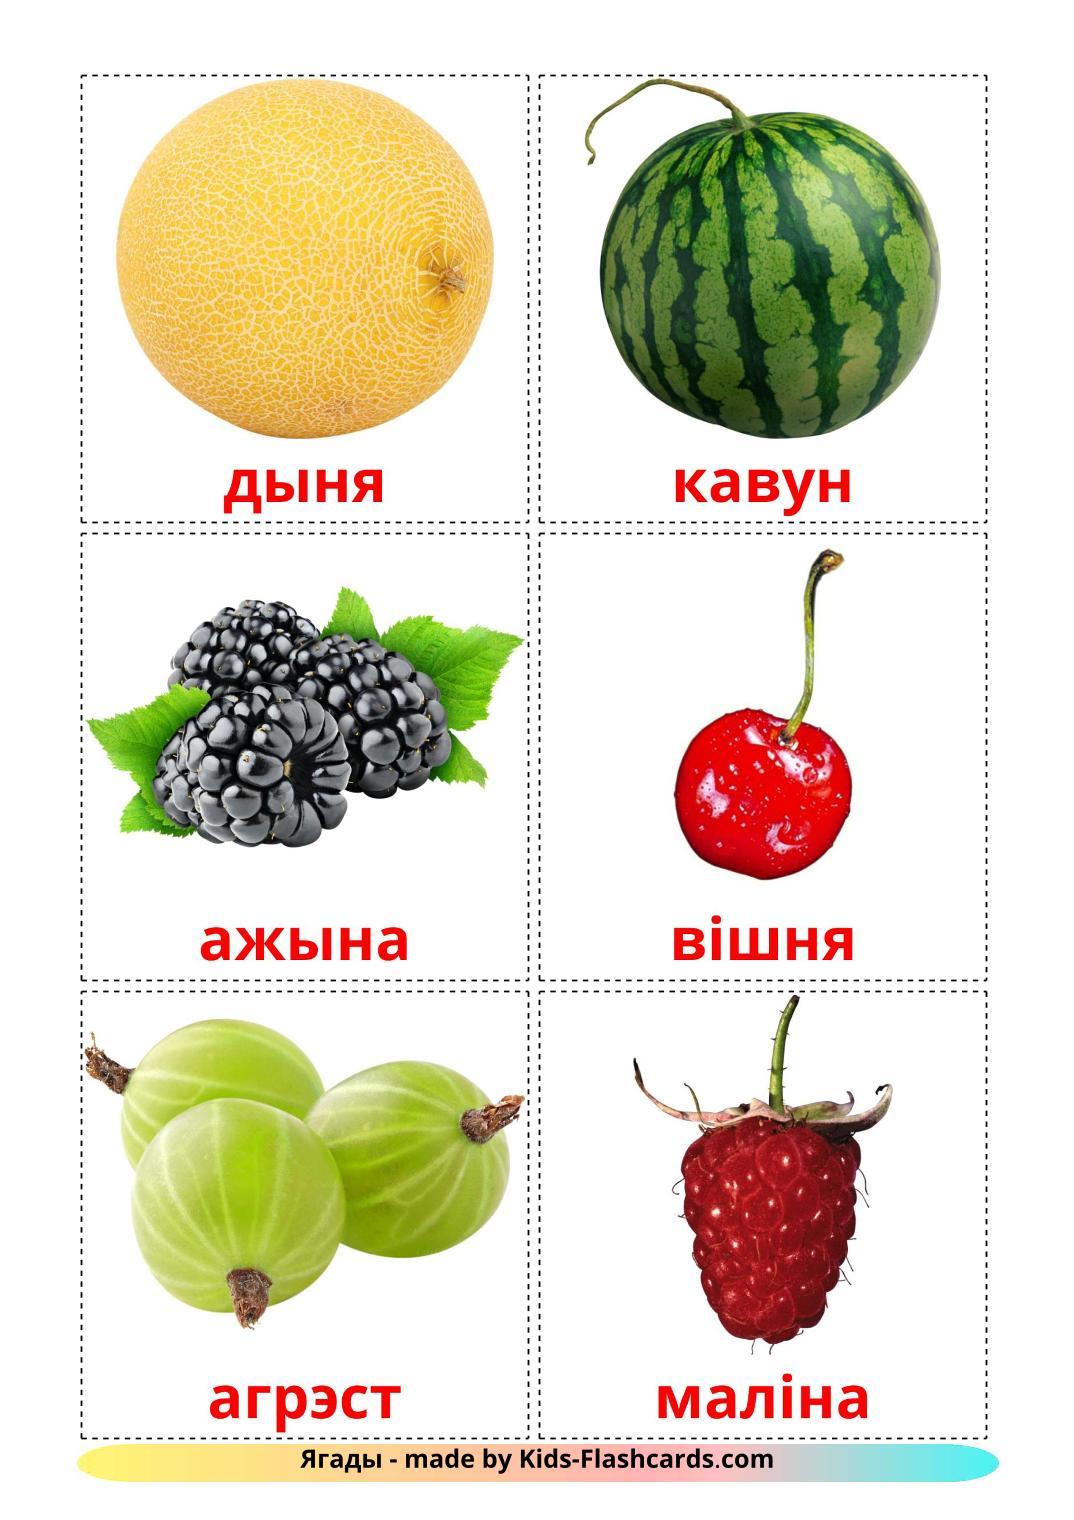 Berries - 11 Free Printable belarusian Flashcards